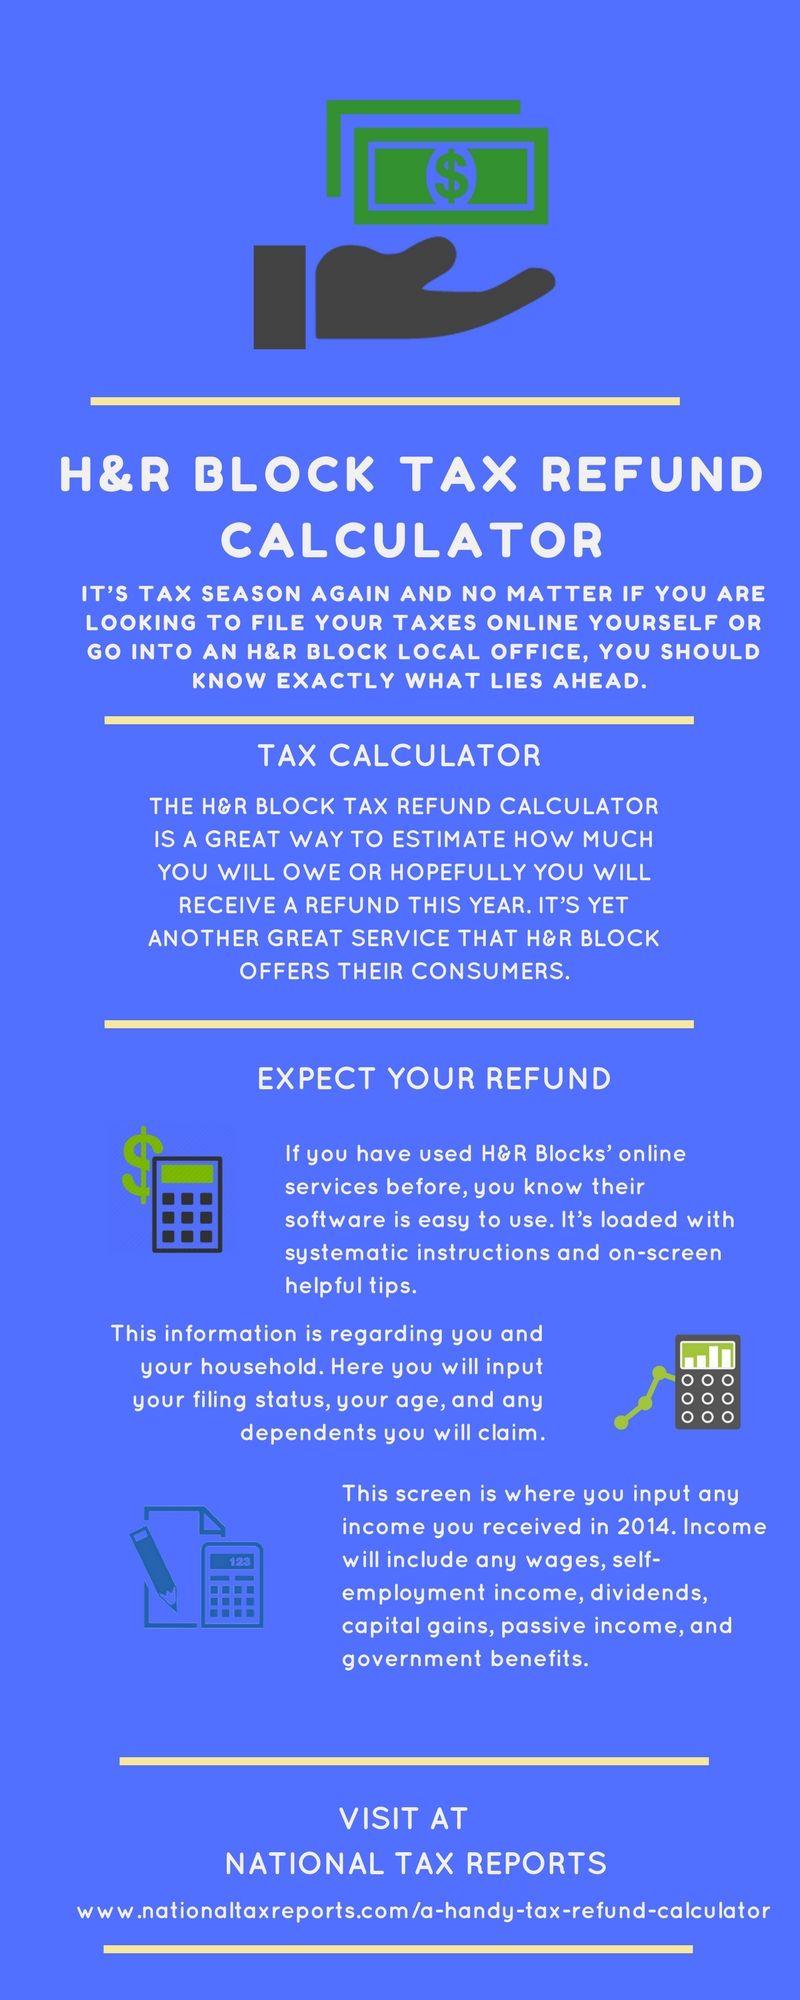 H&r Block Tax Refund Calculator